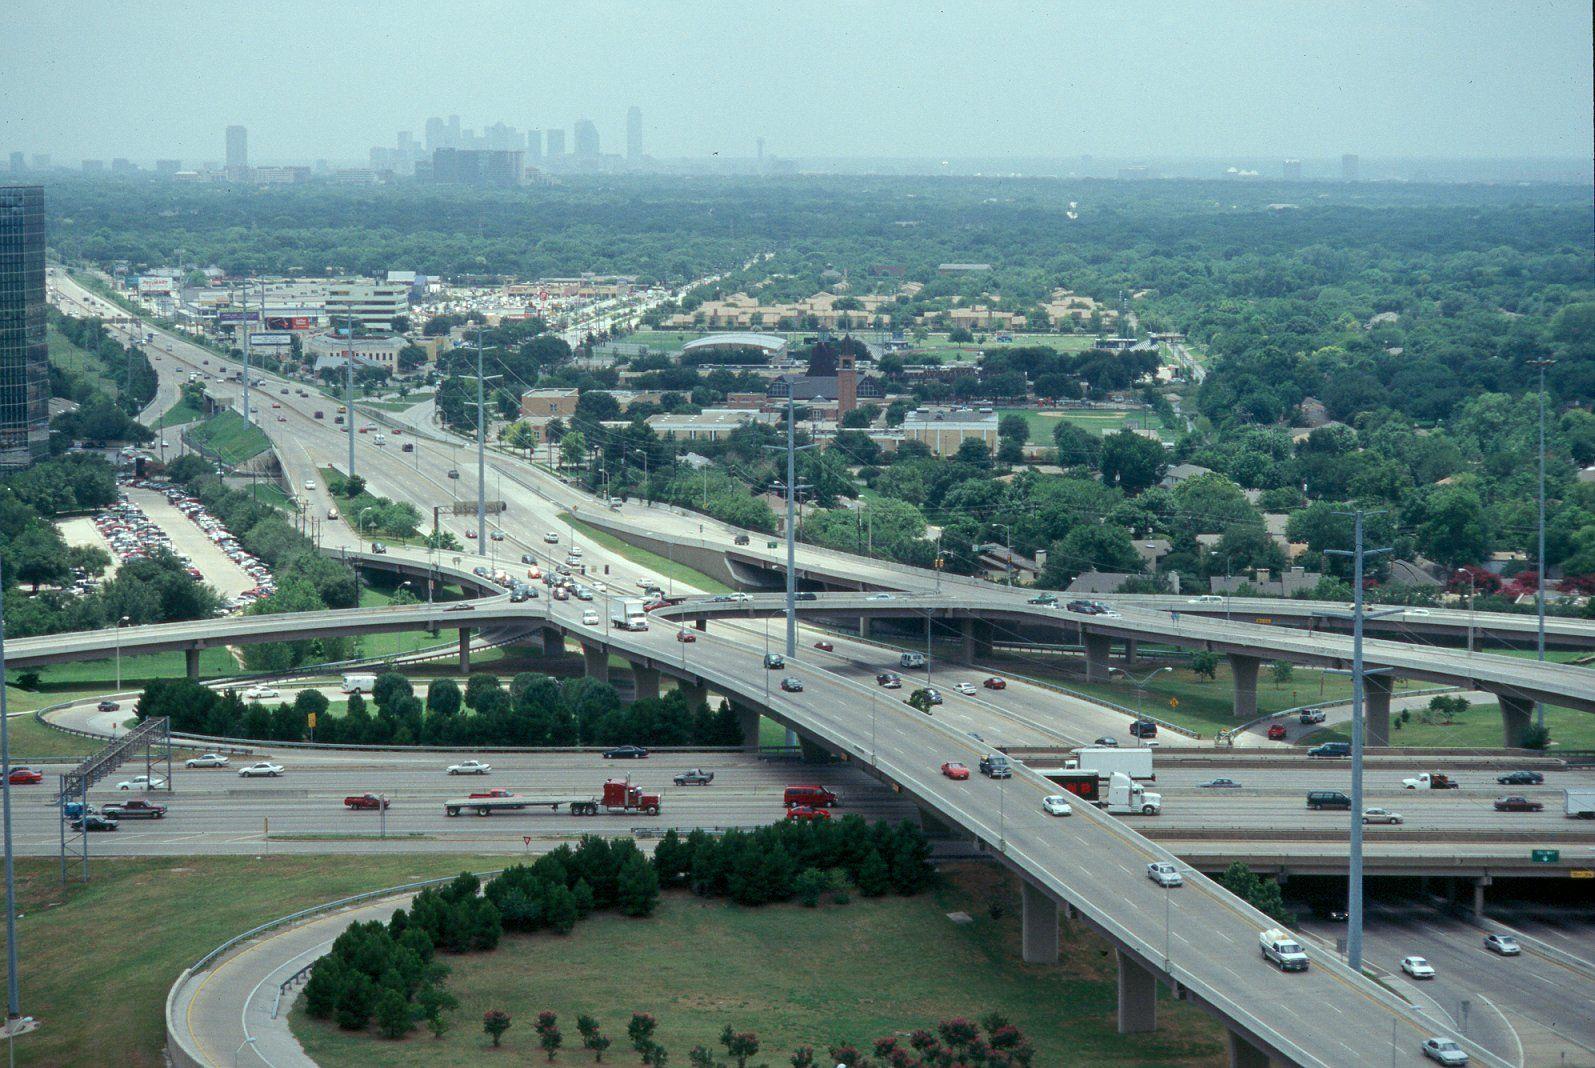 Dallas dallasfort worth photo gallery dallas north